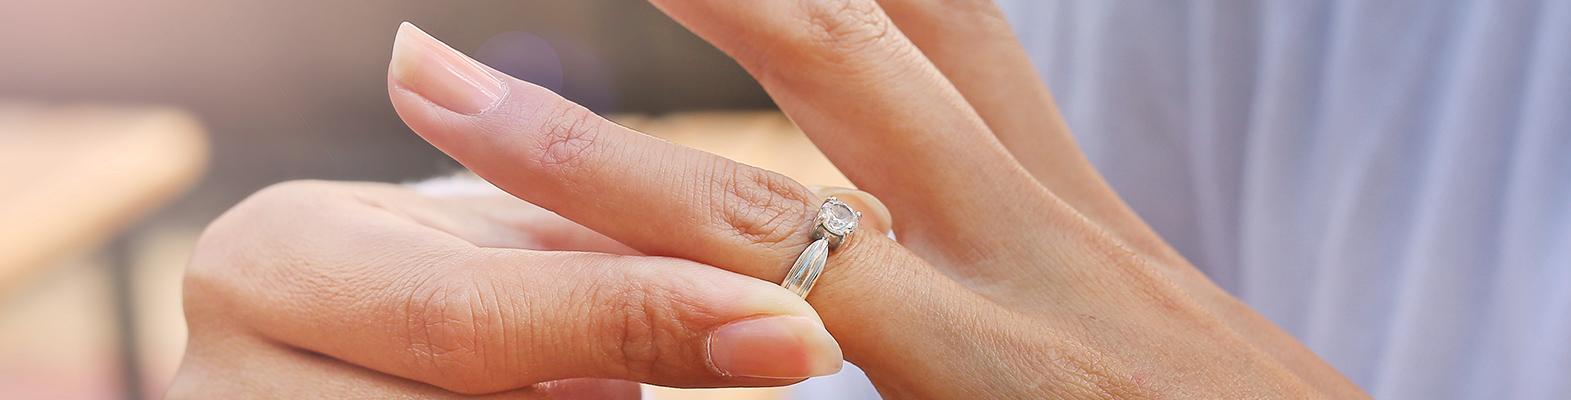 woman taking off wedding ring indicating divorce